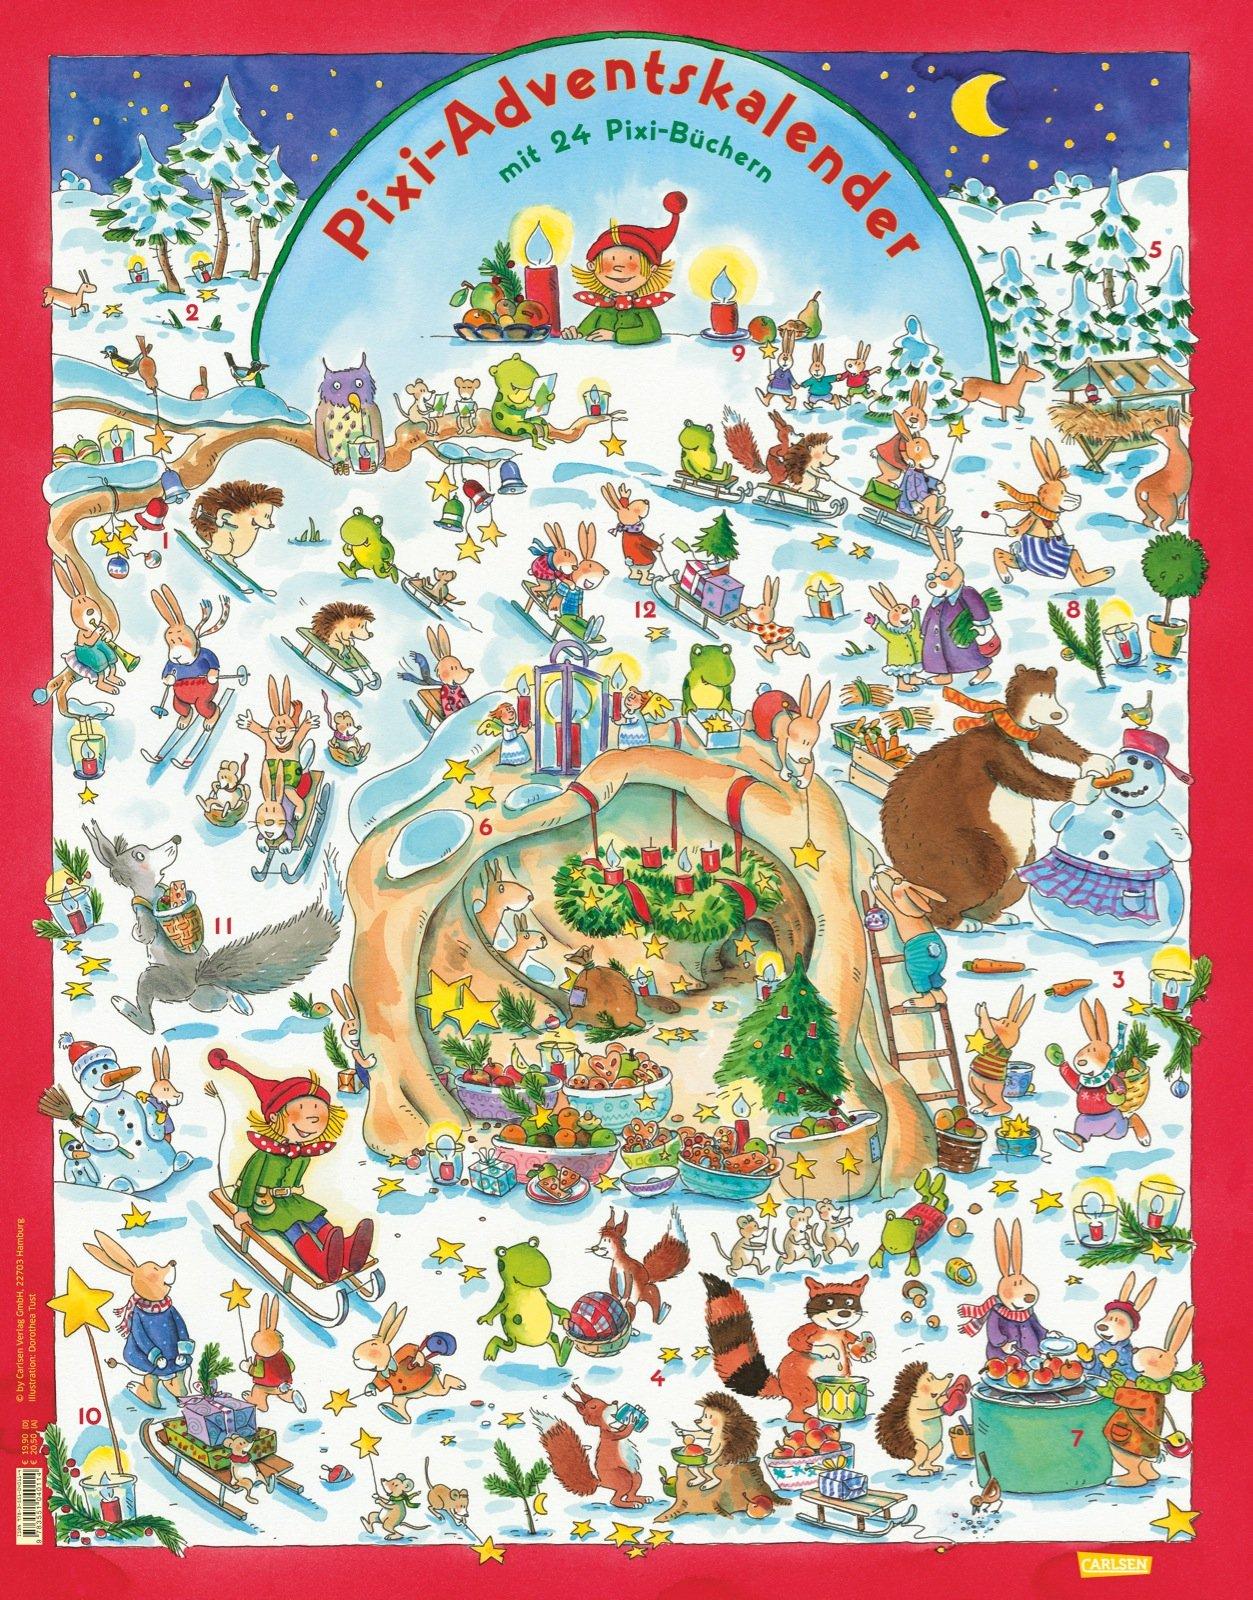 Pixi Adventskalender: Wendekalender mit 24 Pixi-Büchern ...